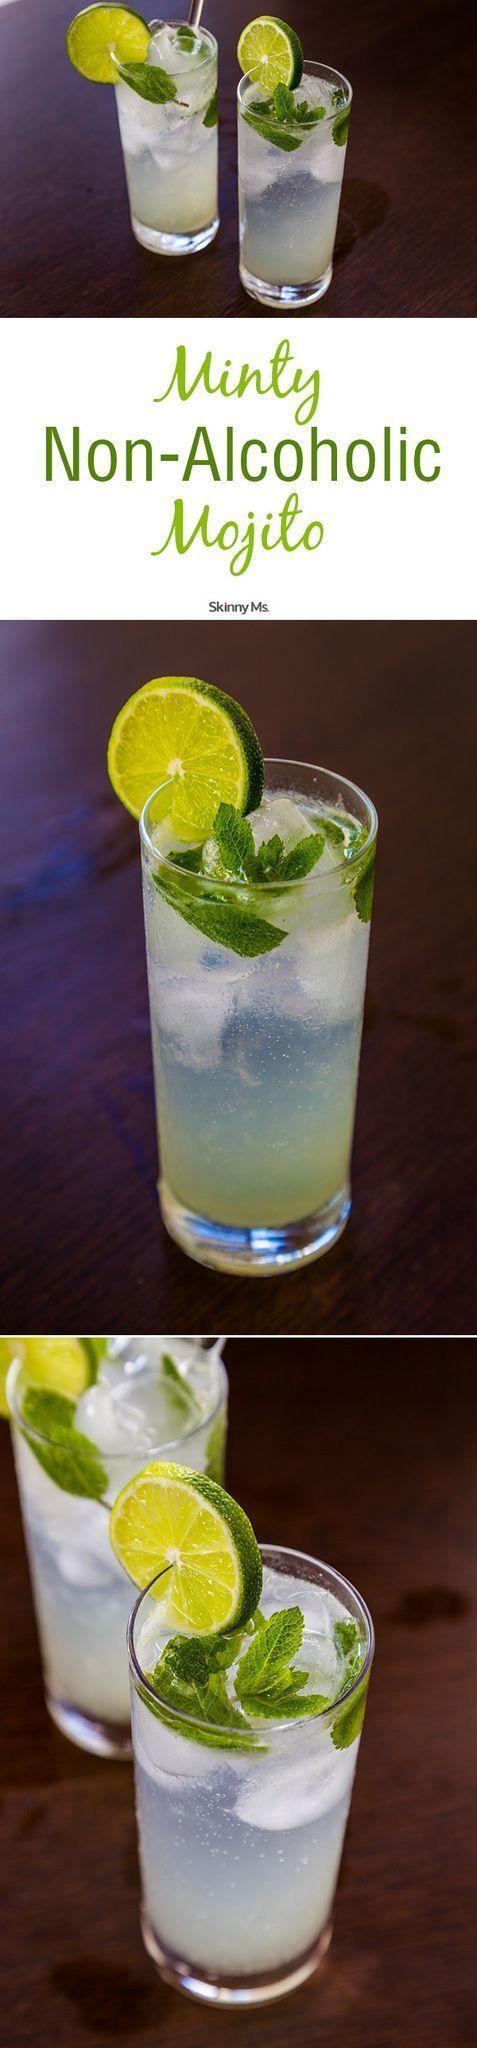 Populaire Les 8 meilleures images du tableau Drinks sur Pinterest PR81